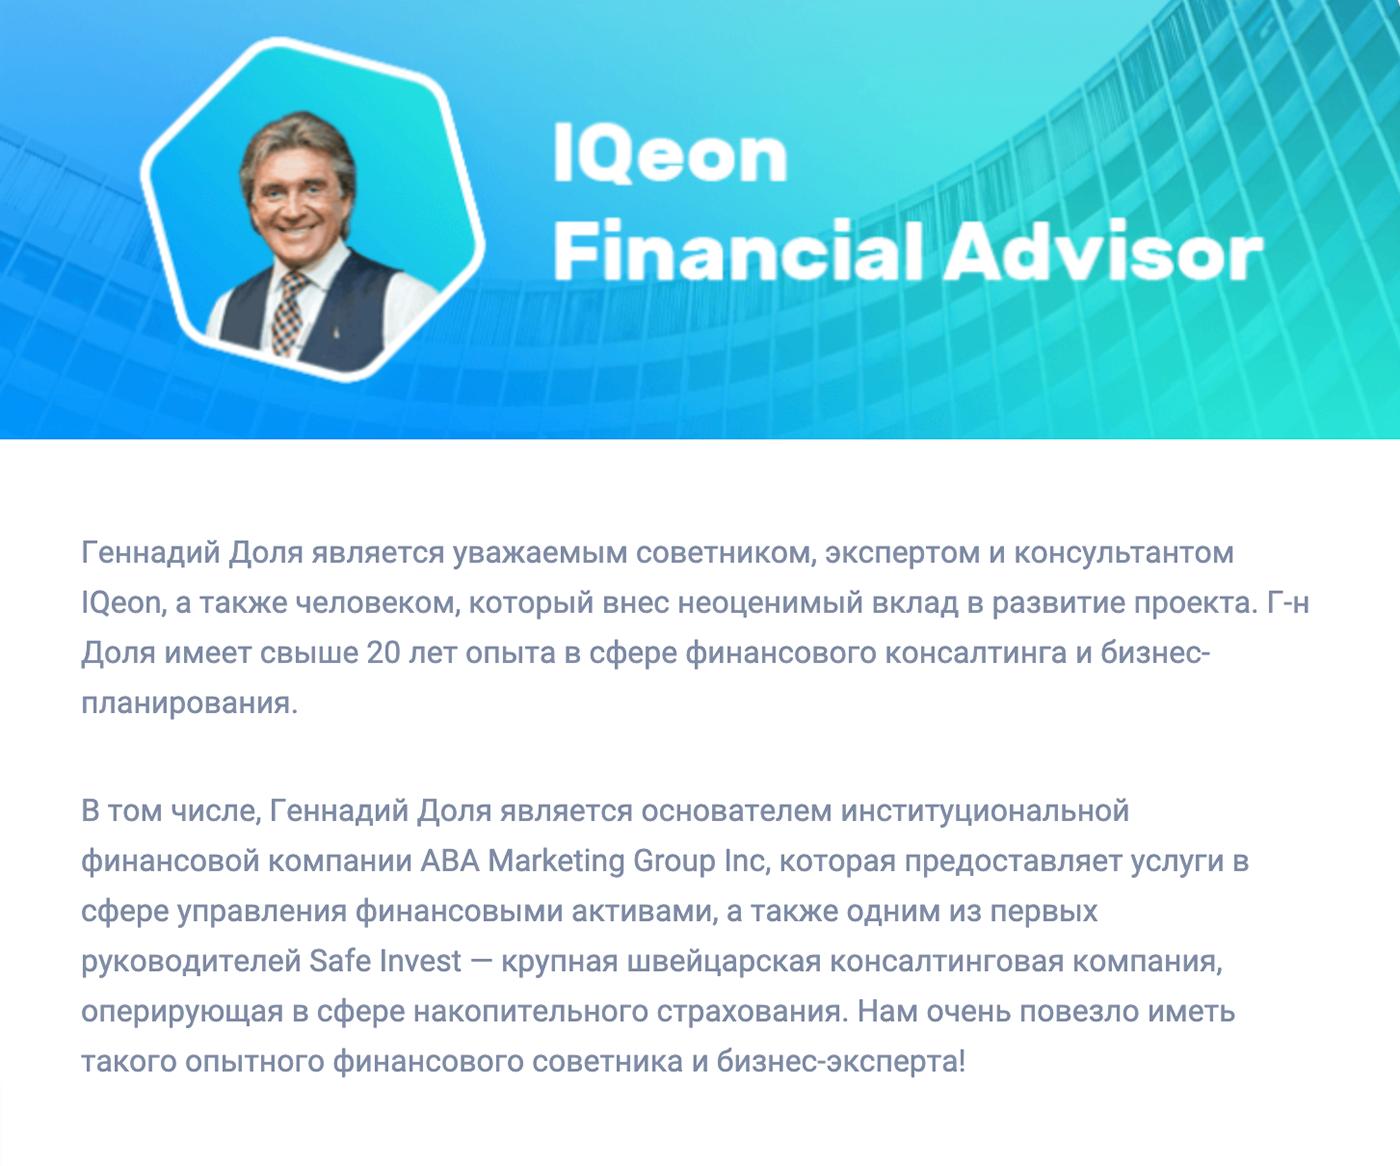 Криптовалютная платформа IQeon называет Долю директором крупной страховой компании SafeInvest, но не упоминает, что к этой компании было много вопросов у российских правоохранительных органов